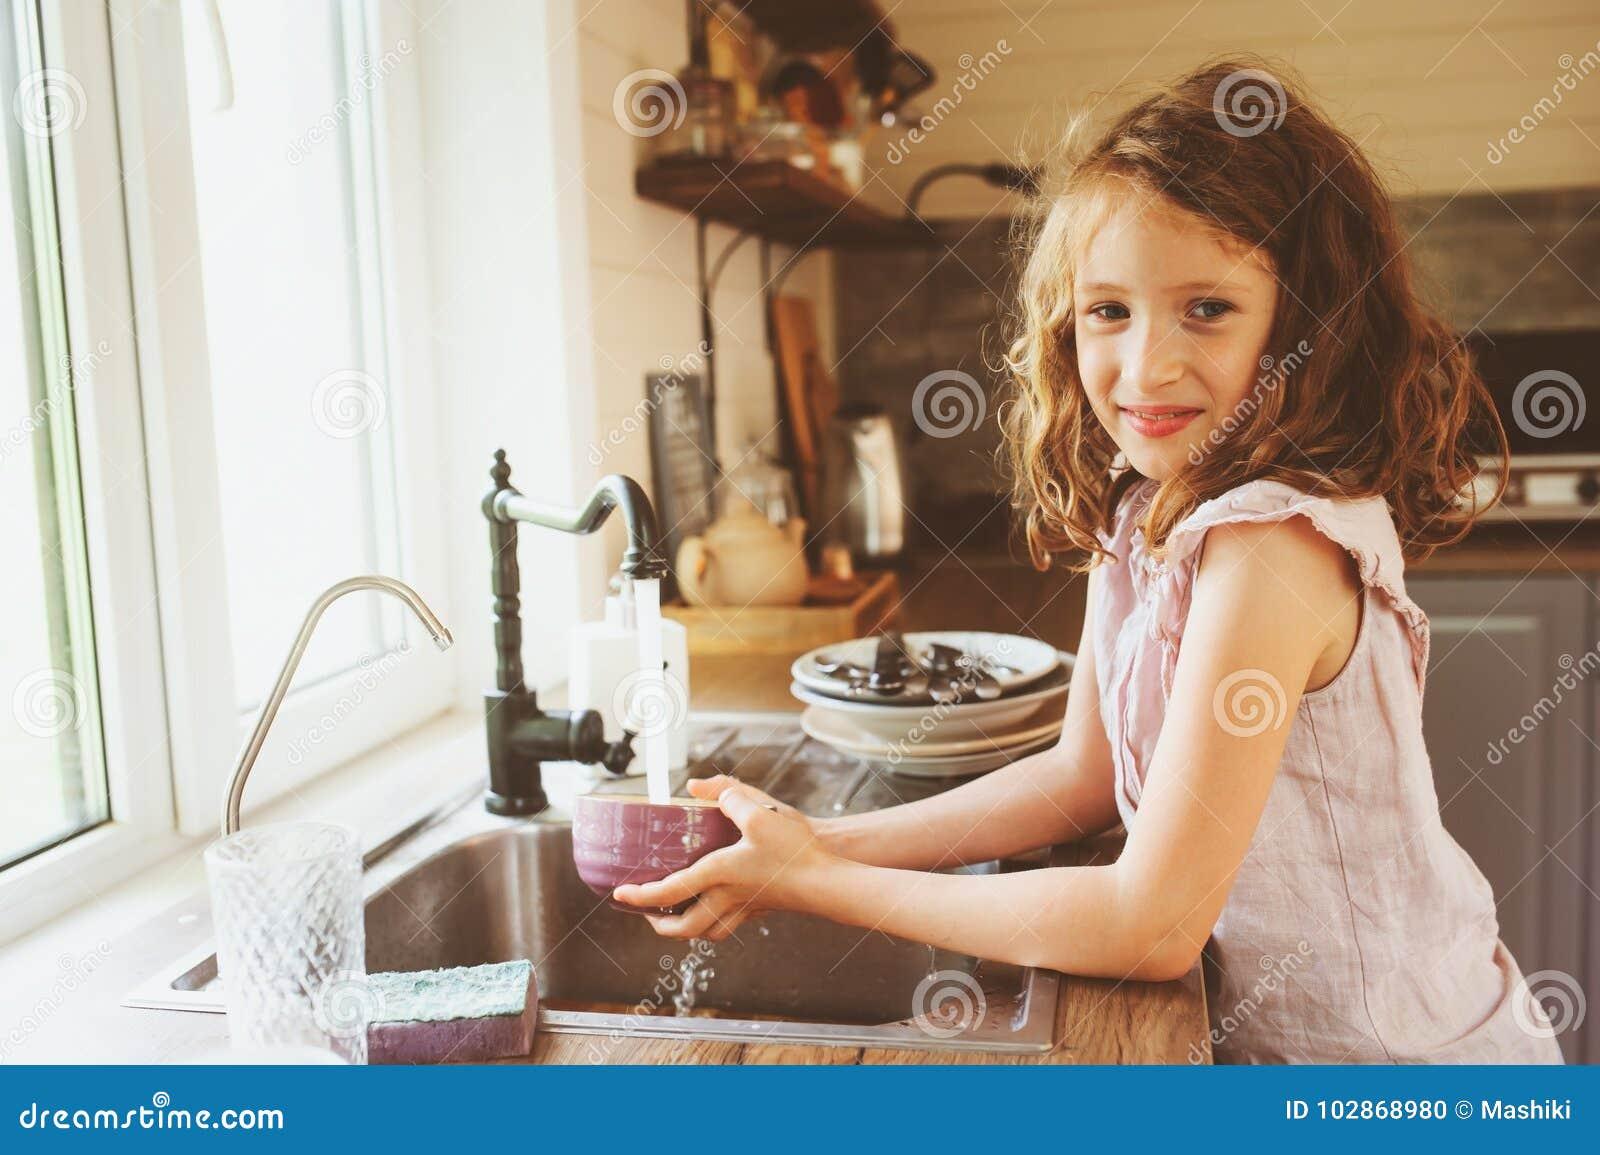 儿童女孩在厨房里在家帮助母亲和洗涤盘 在真正的内部的偶然生活方式